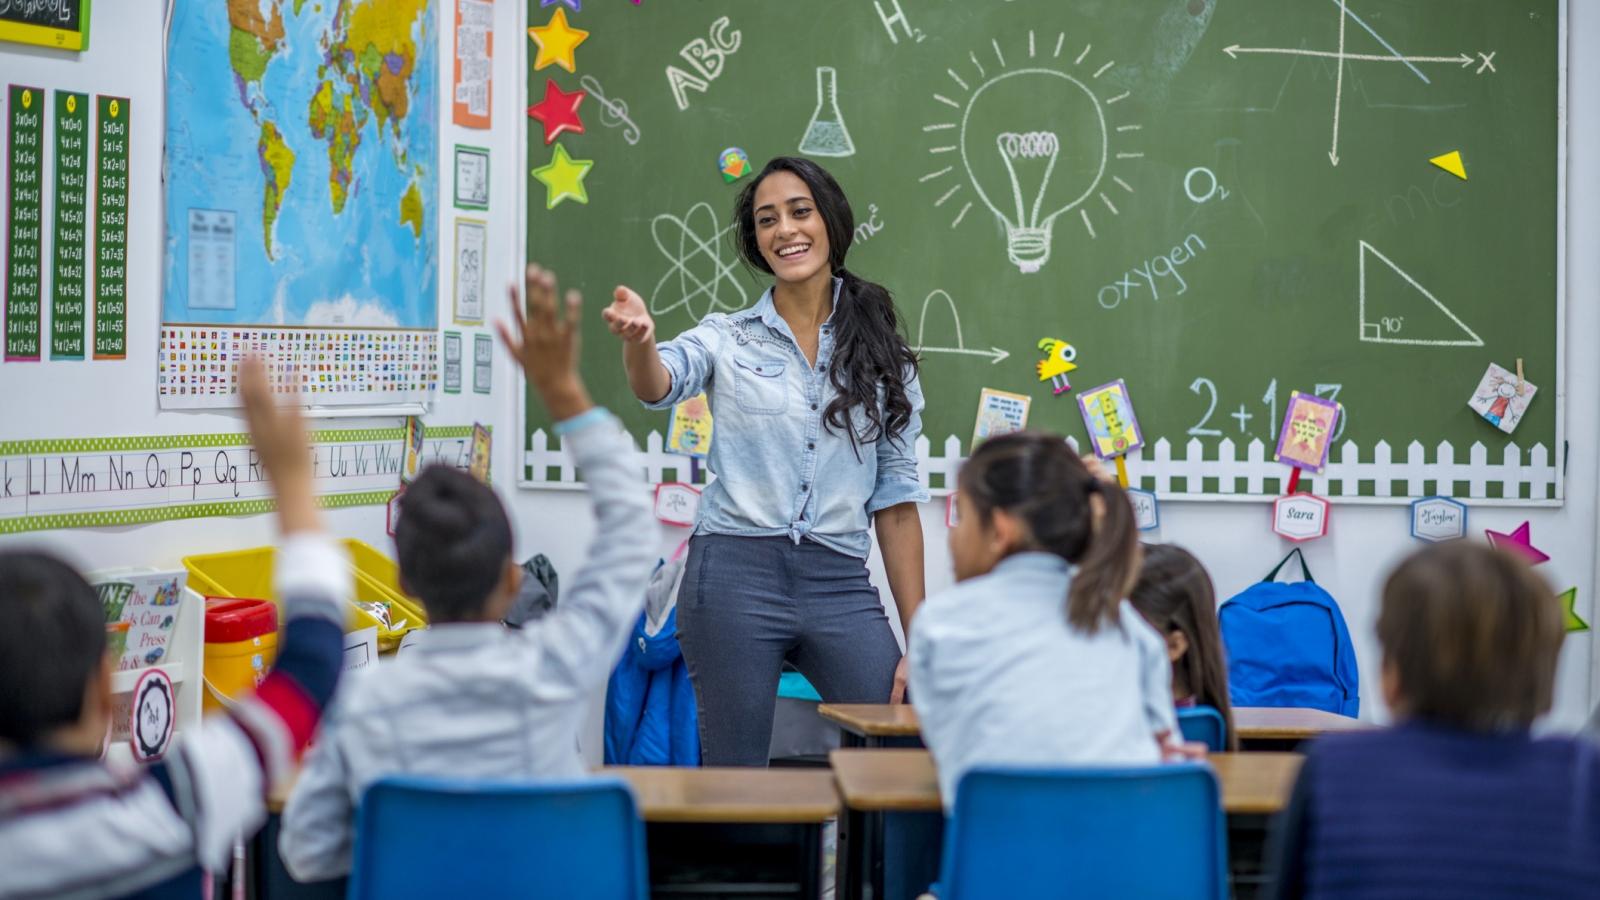 Gợi ý các món quà dành cho thầy cô nhân ngày Nhà giáo Việt Nam